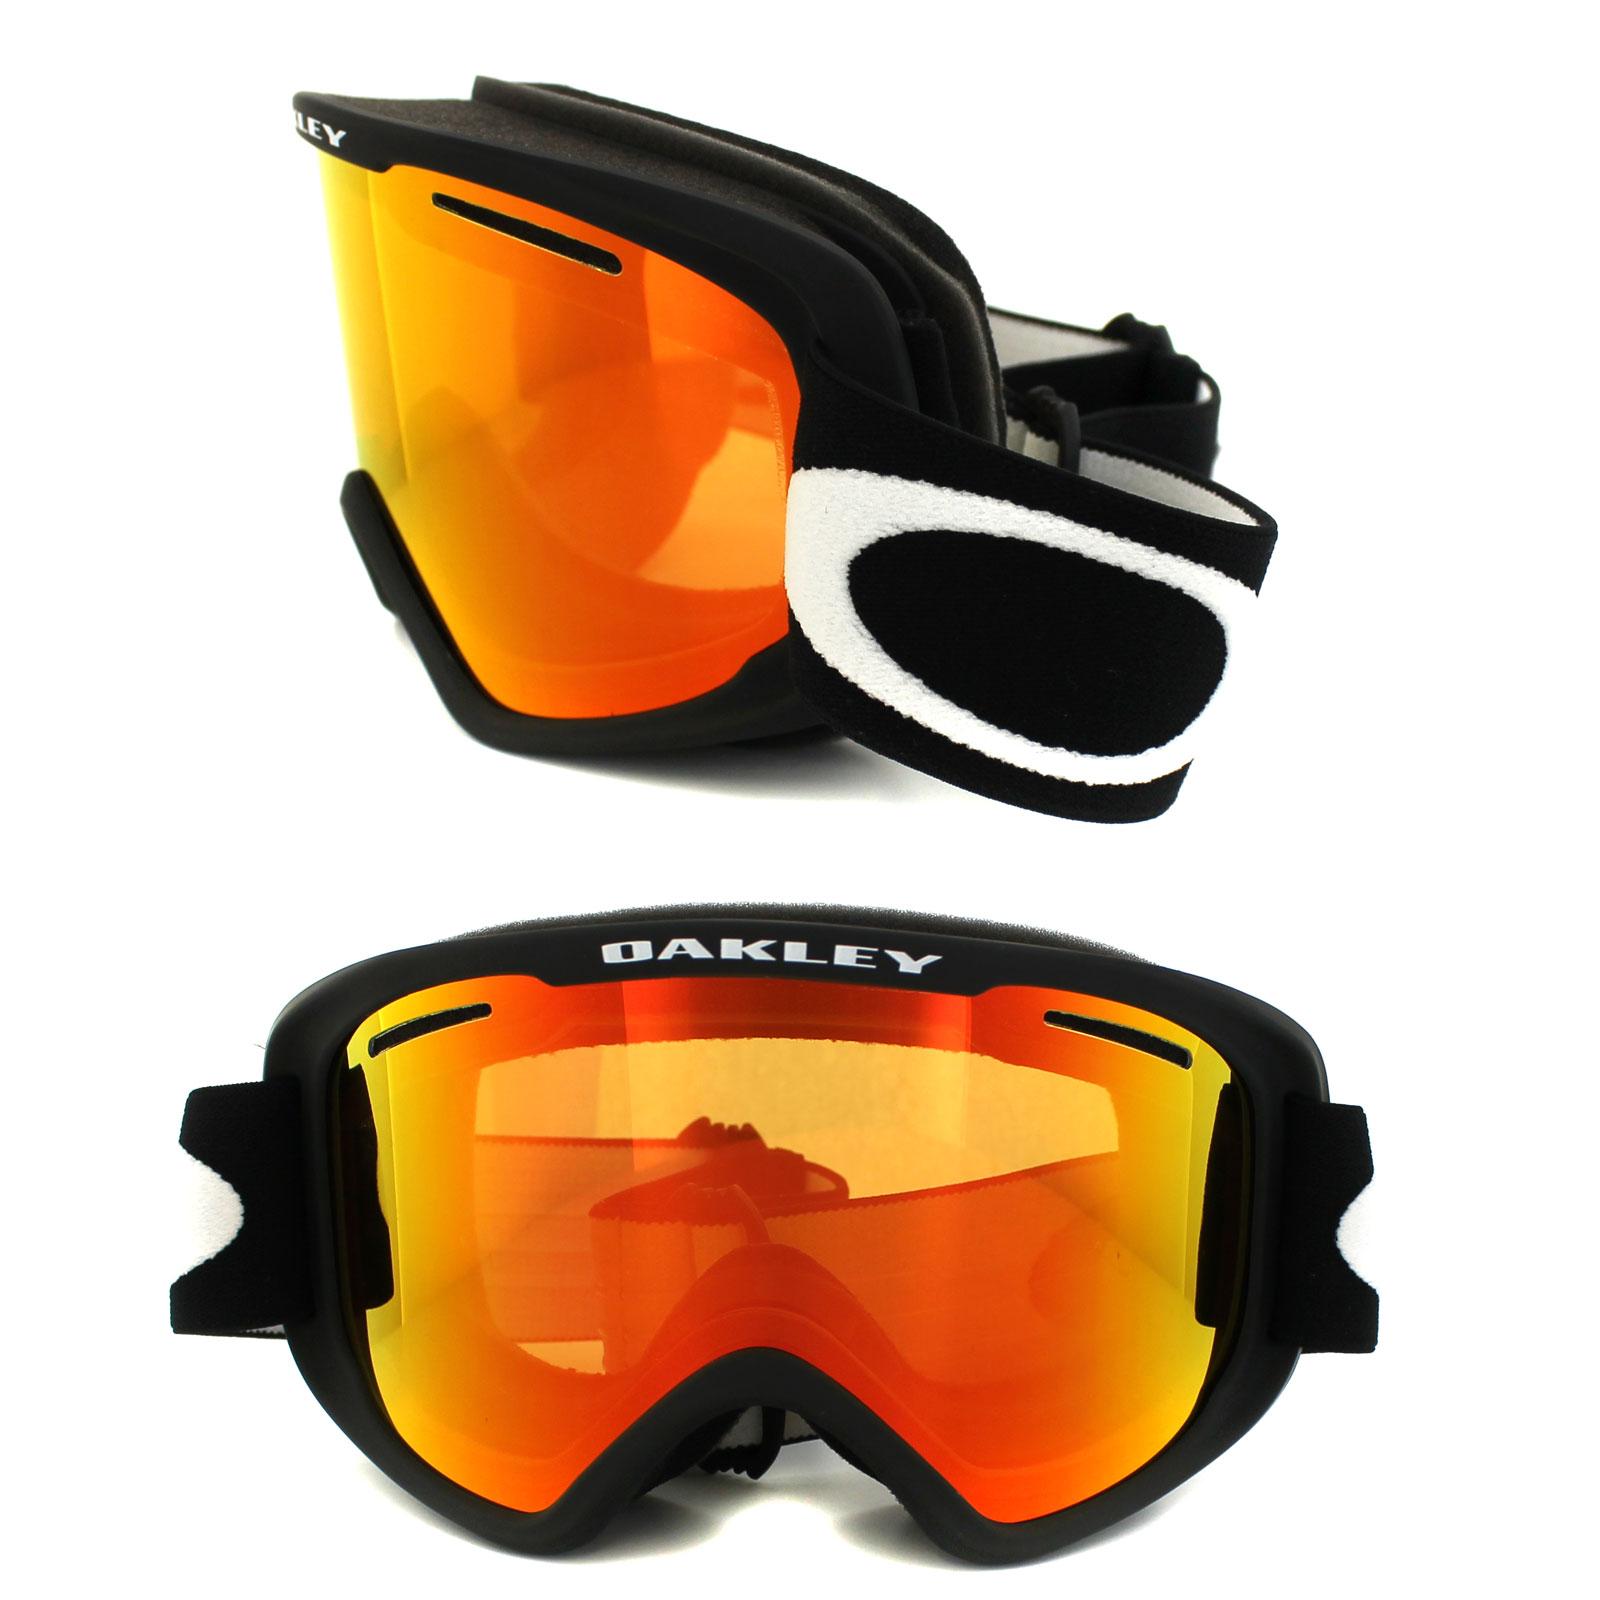 oakley snow glasses fr1q  Sentinel Oakley Ski Snow Goggles 02 XM OO7066-01 Matt Black Fire Iridium